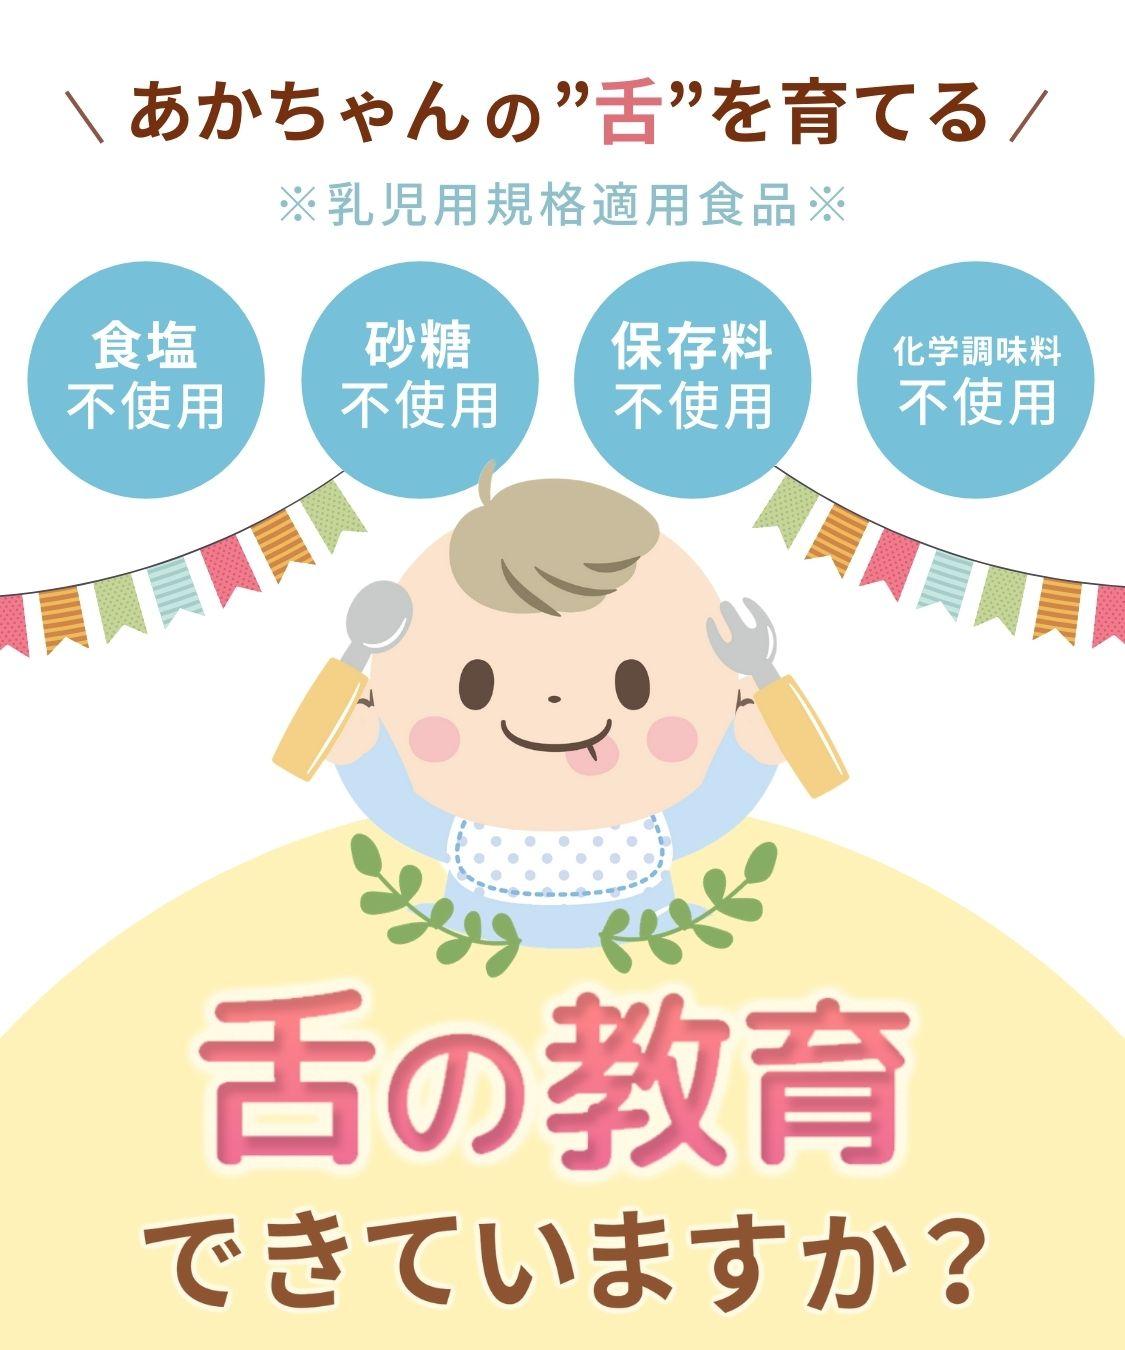 あかちゃんの舌を育てる 乳児用規格適用食品 食塩 砂糖 保存料 化学調味料不使用